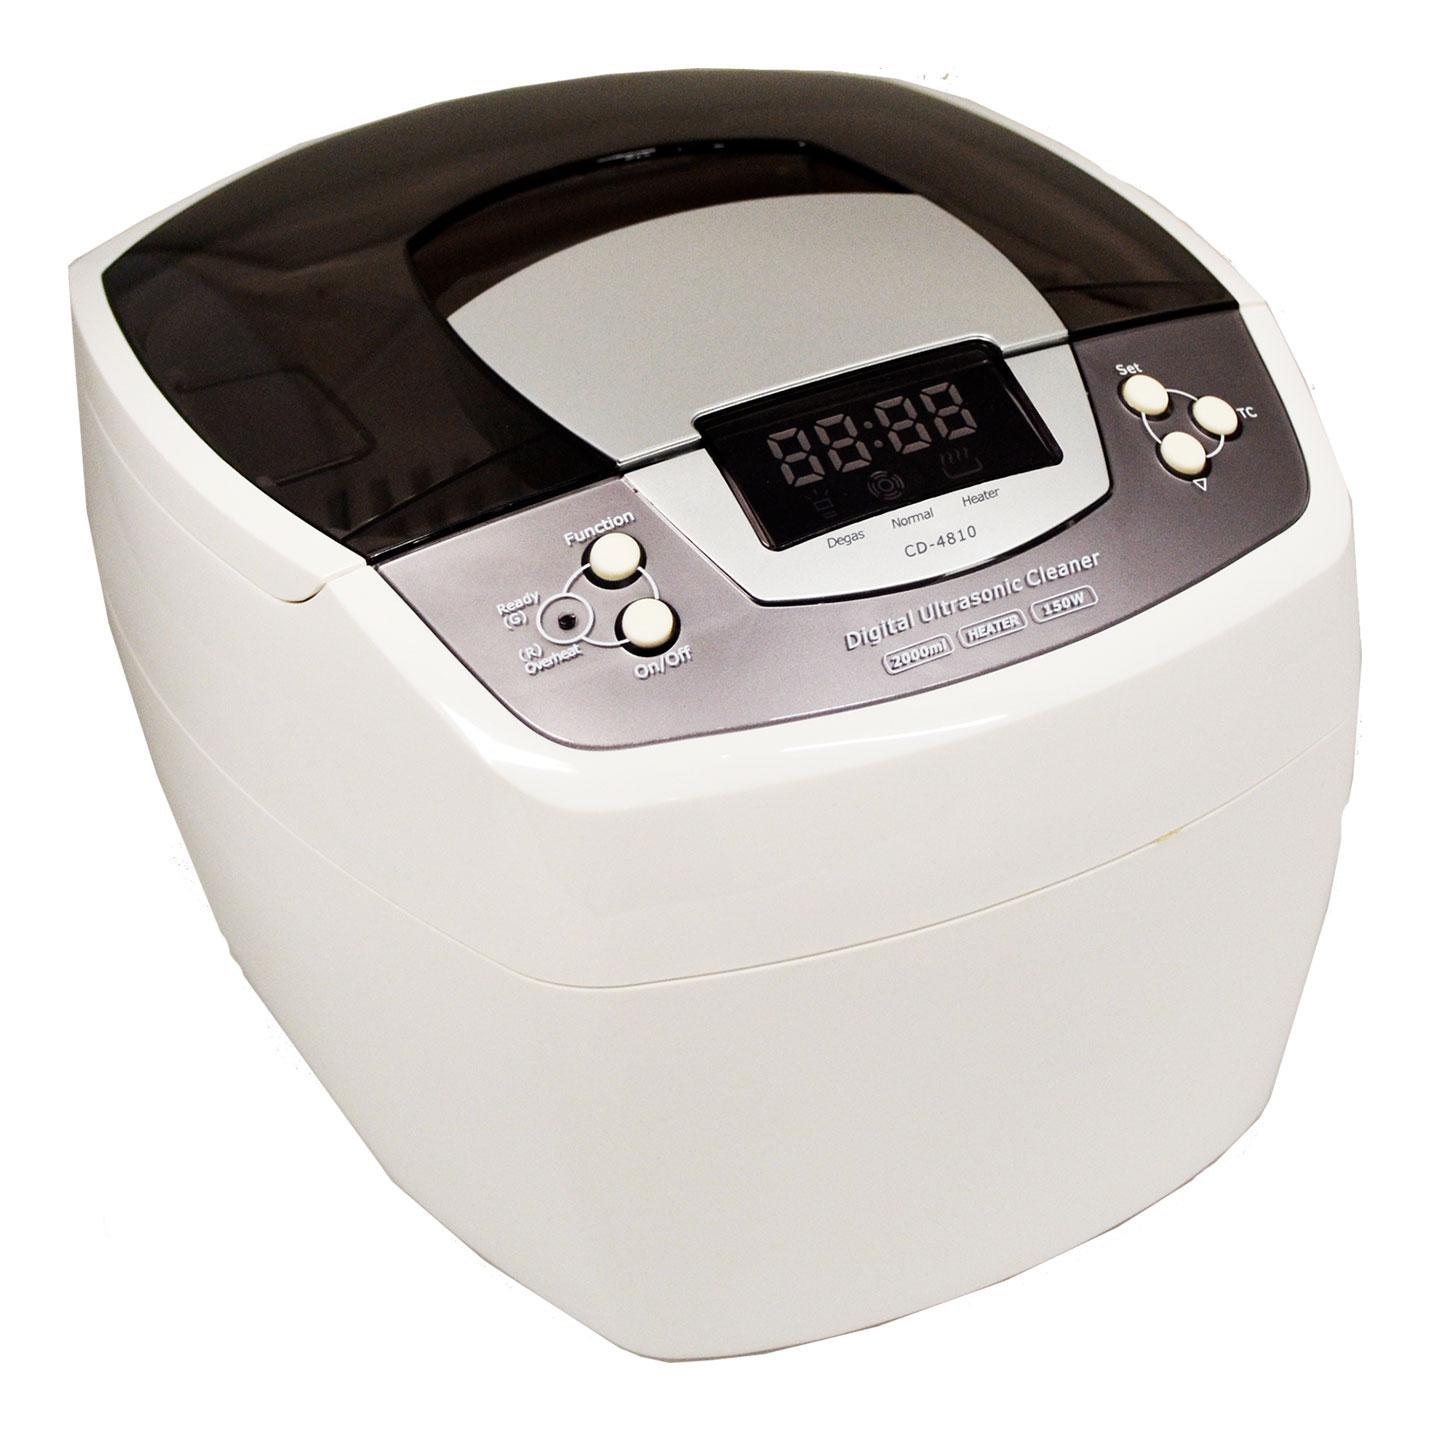 Nettoyeur à ultrasons numérique